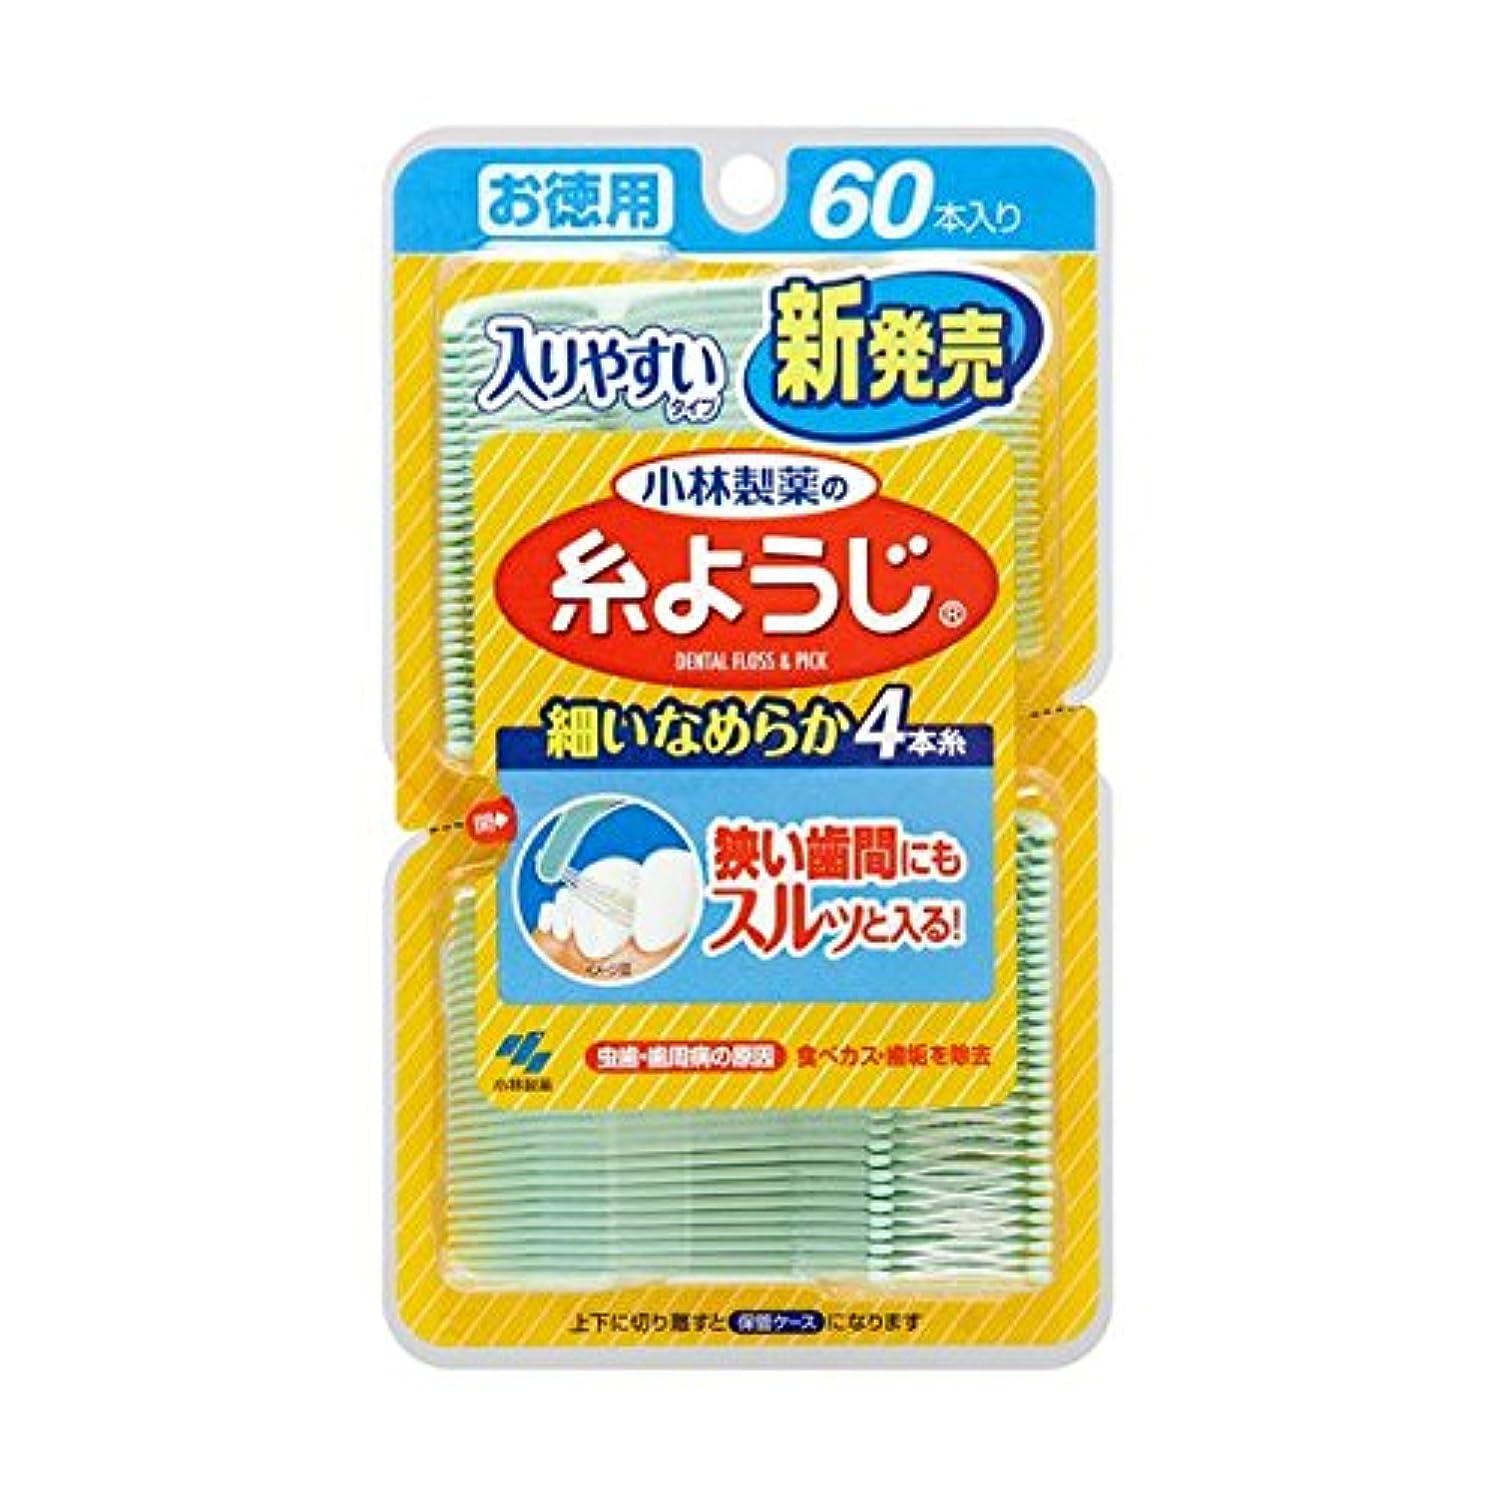 【お徳用 5 セット】 糸ようじ 入りやすいタイプ 60本×5セット